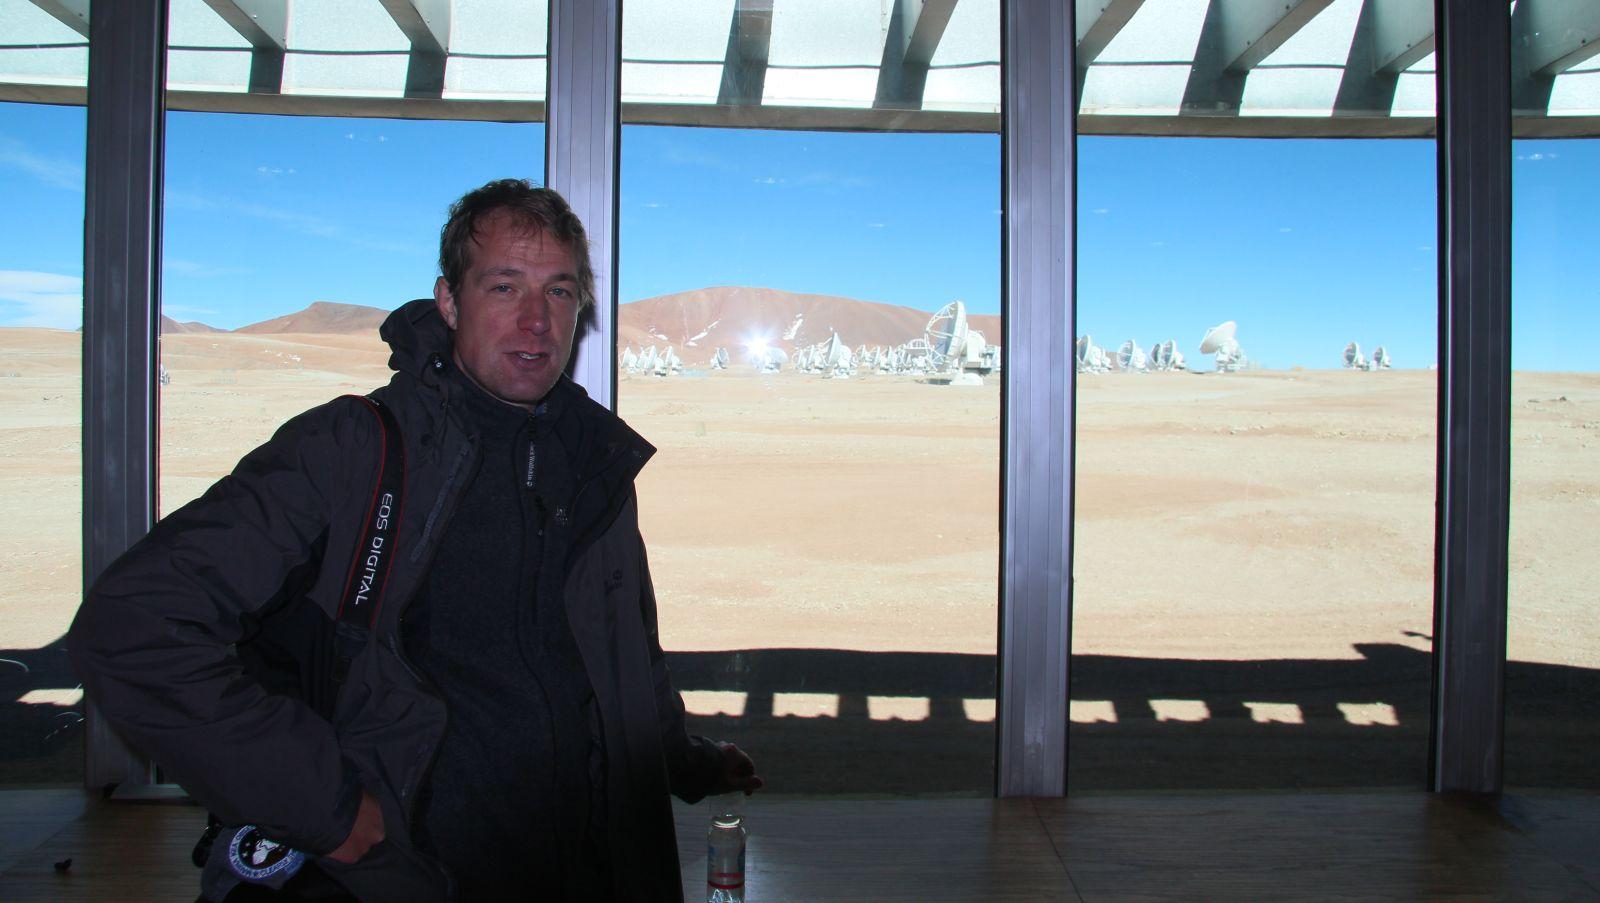 Blogger nach überlebtem ALMA-Besuch. Er sieht sonst frischer aus. Bild: Georg Görgen